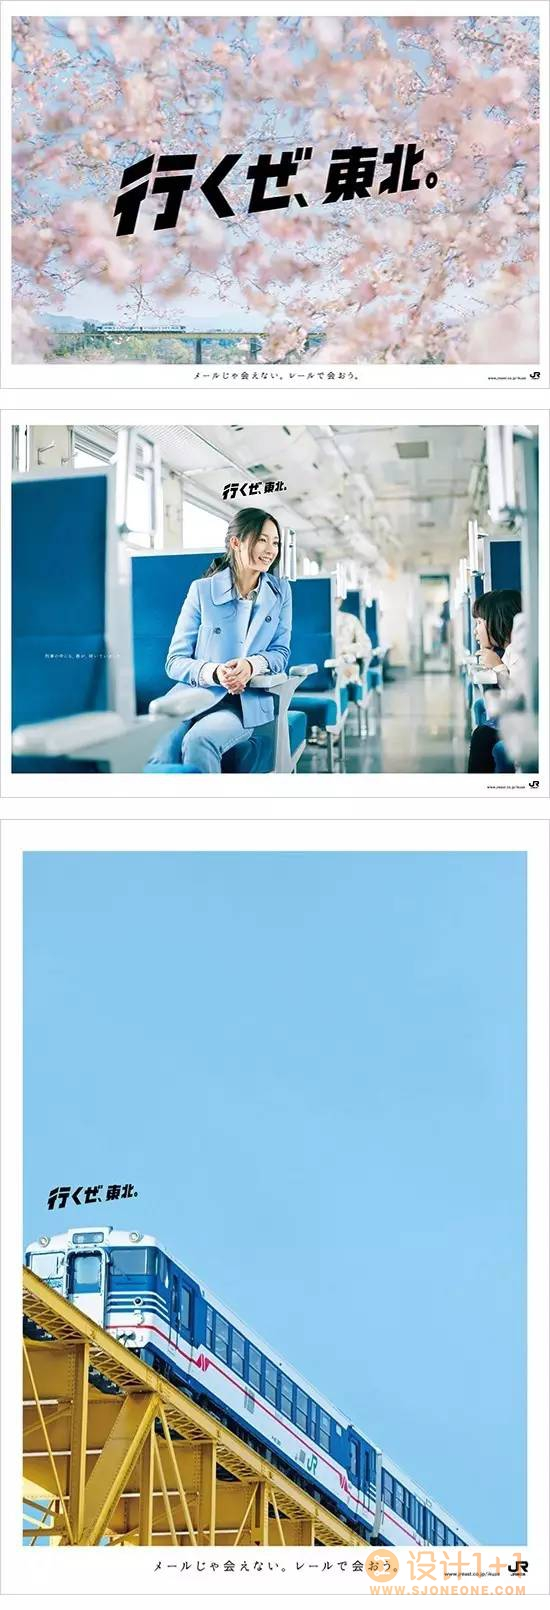 40幅日本海报设计作品